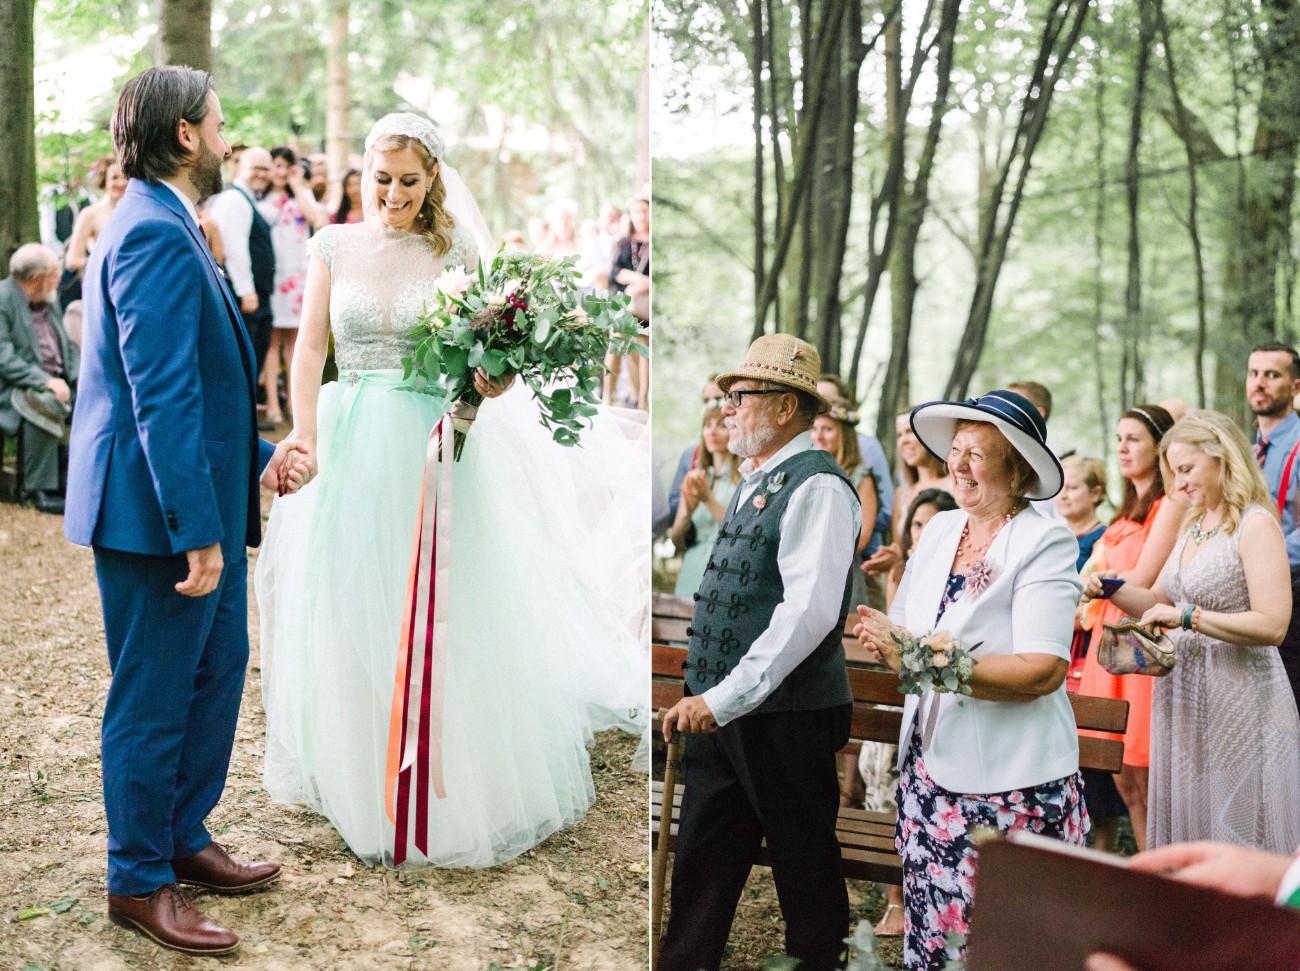 folk wedding in the forest.jpg